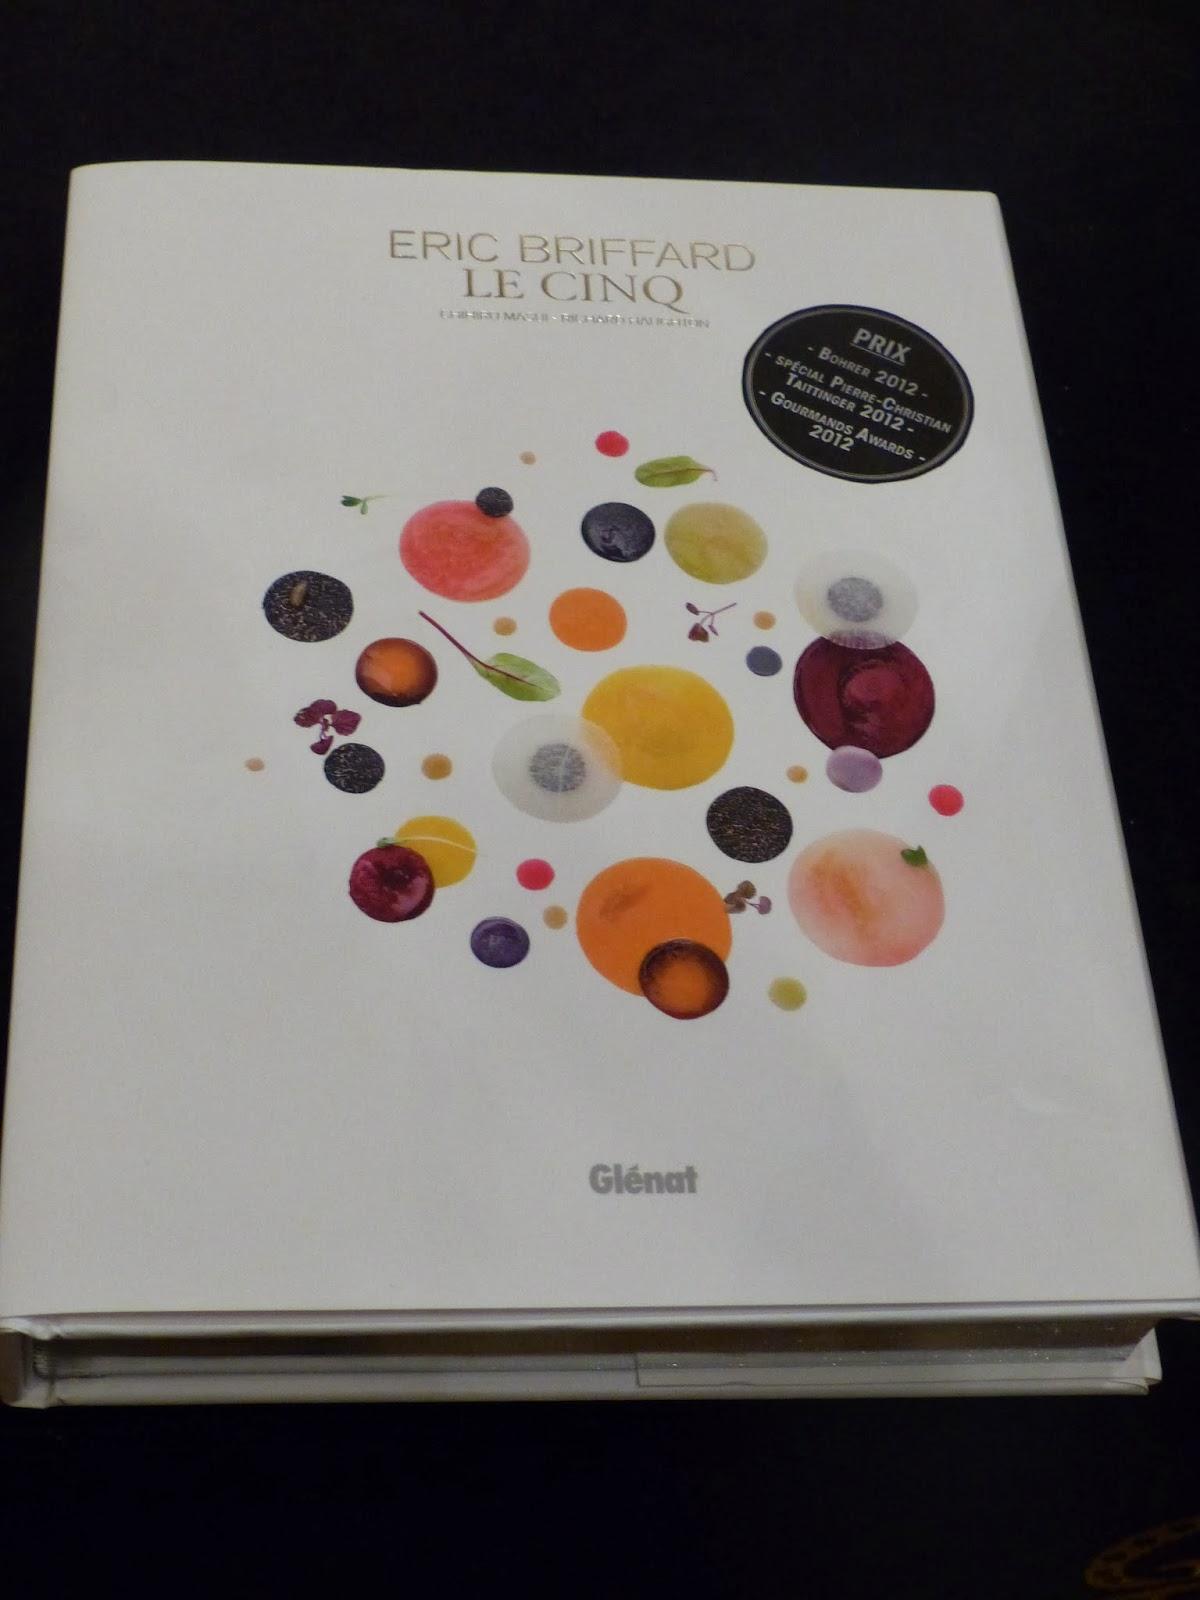 Prix bohrer 2013 meilleur livre de cuisine fran aise - Livre de cuisine francaise ...